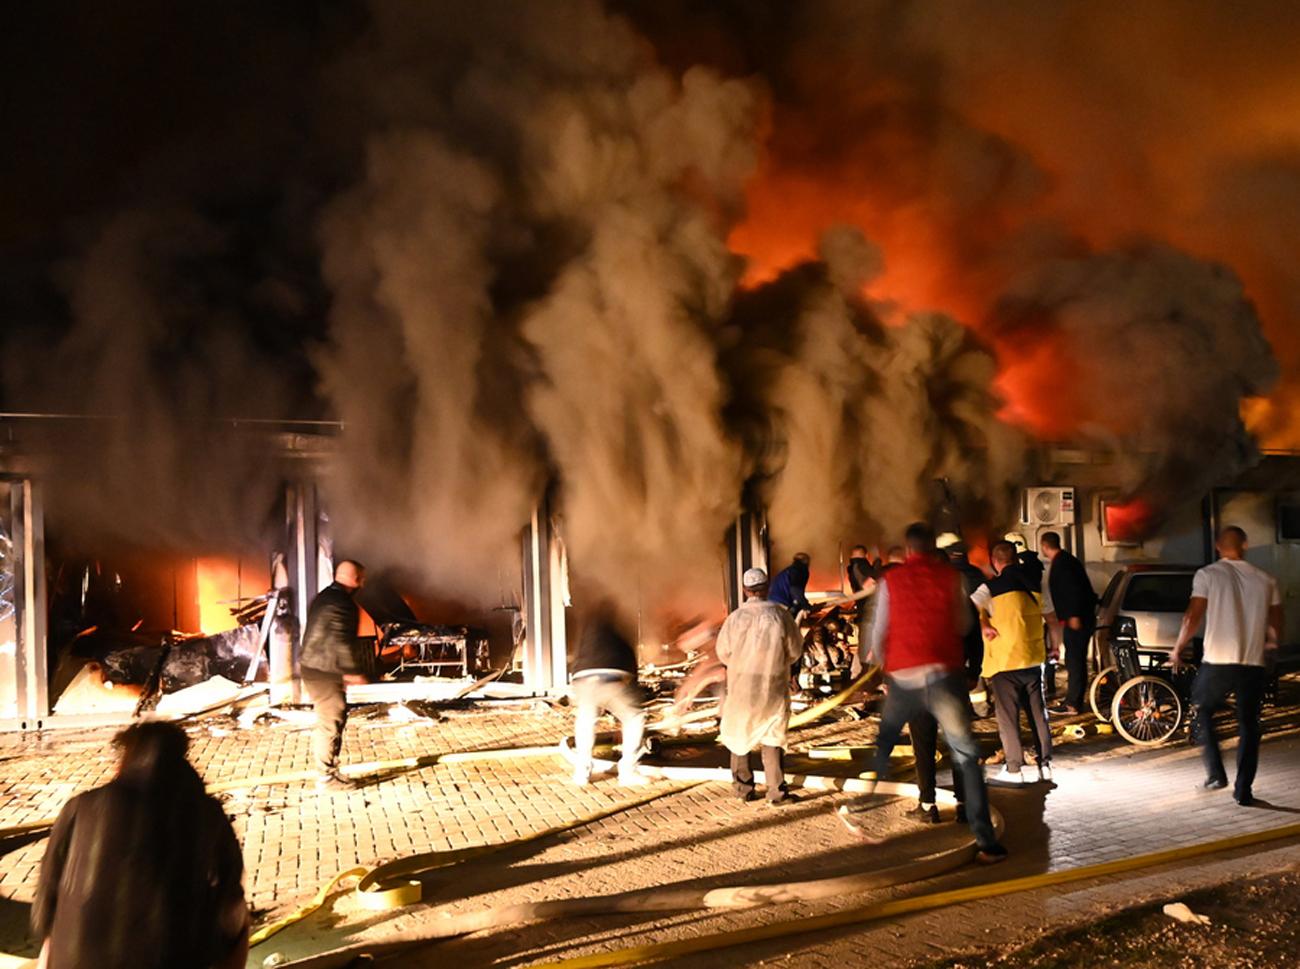 Βόρεια Μακεδονία: 14 οι νεκροί από τη φωτιά σε προκάτ μονάδα νοσοκομείου Covid-19